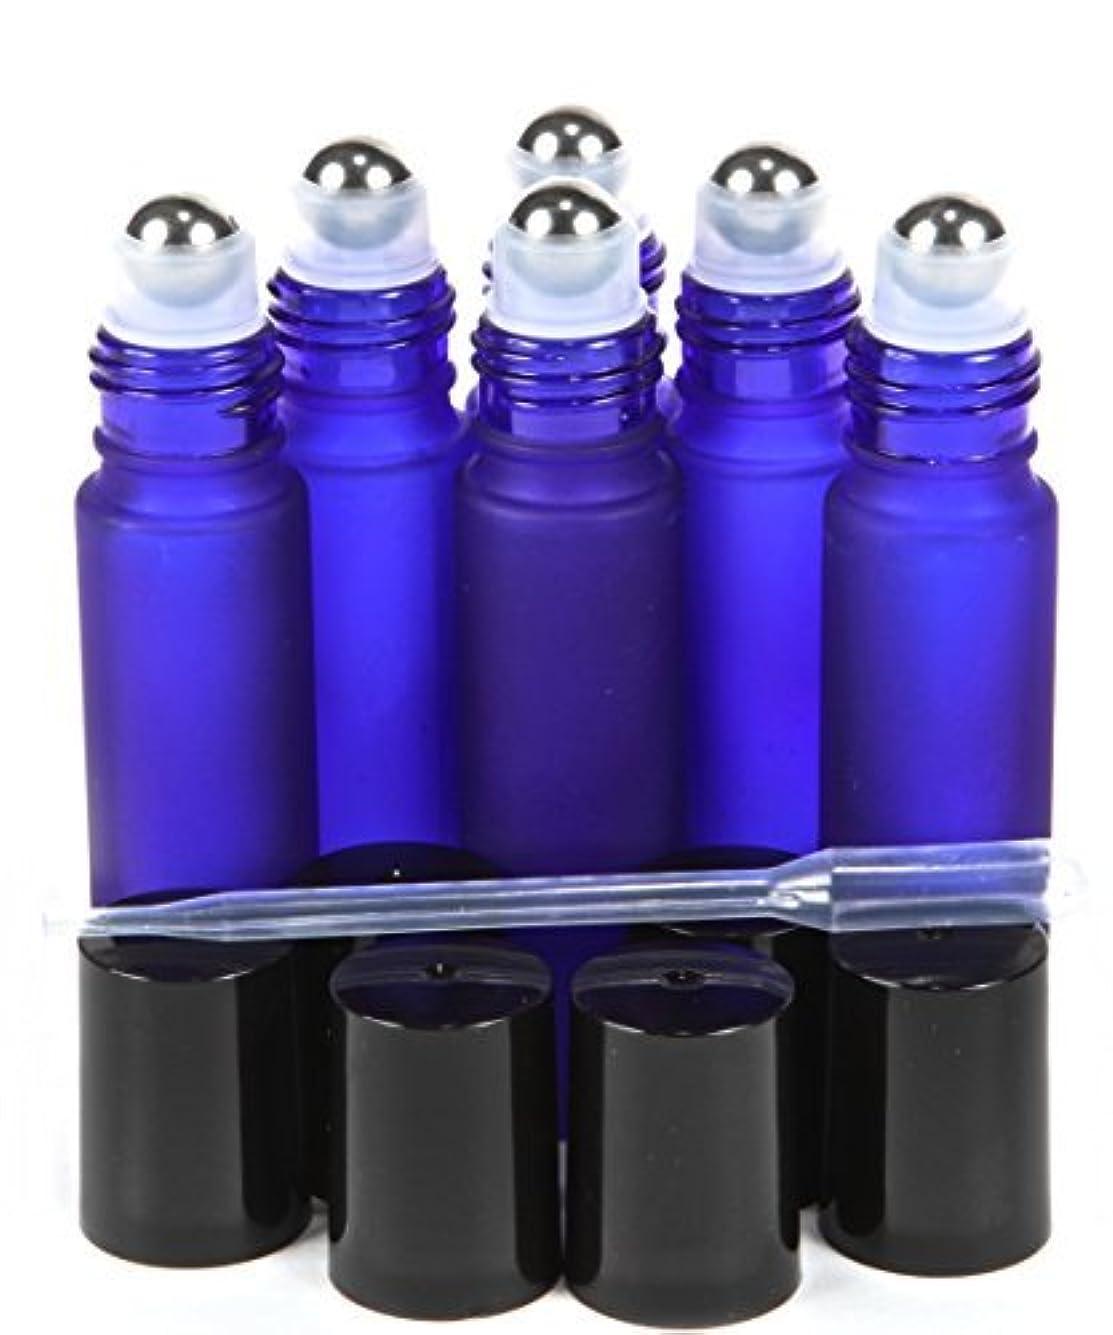 センブランス潜む討論6, Frosted, Cobalt Blue, 10 ml Glass Roll-on Bottles with Stainless Steel Roller Balls - .5 ml Dropper Included...